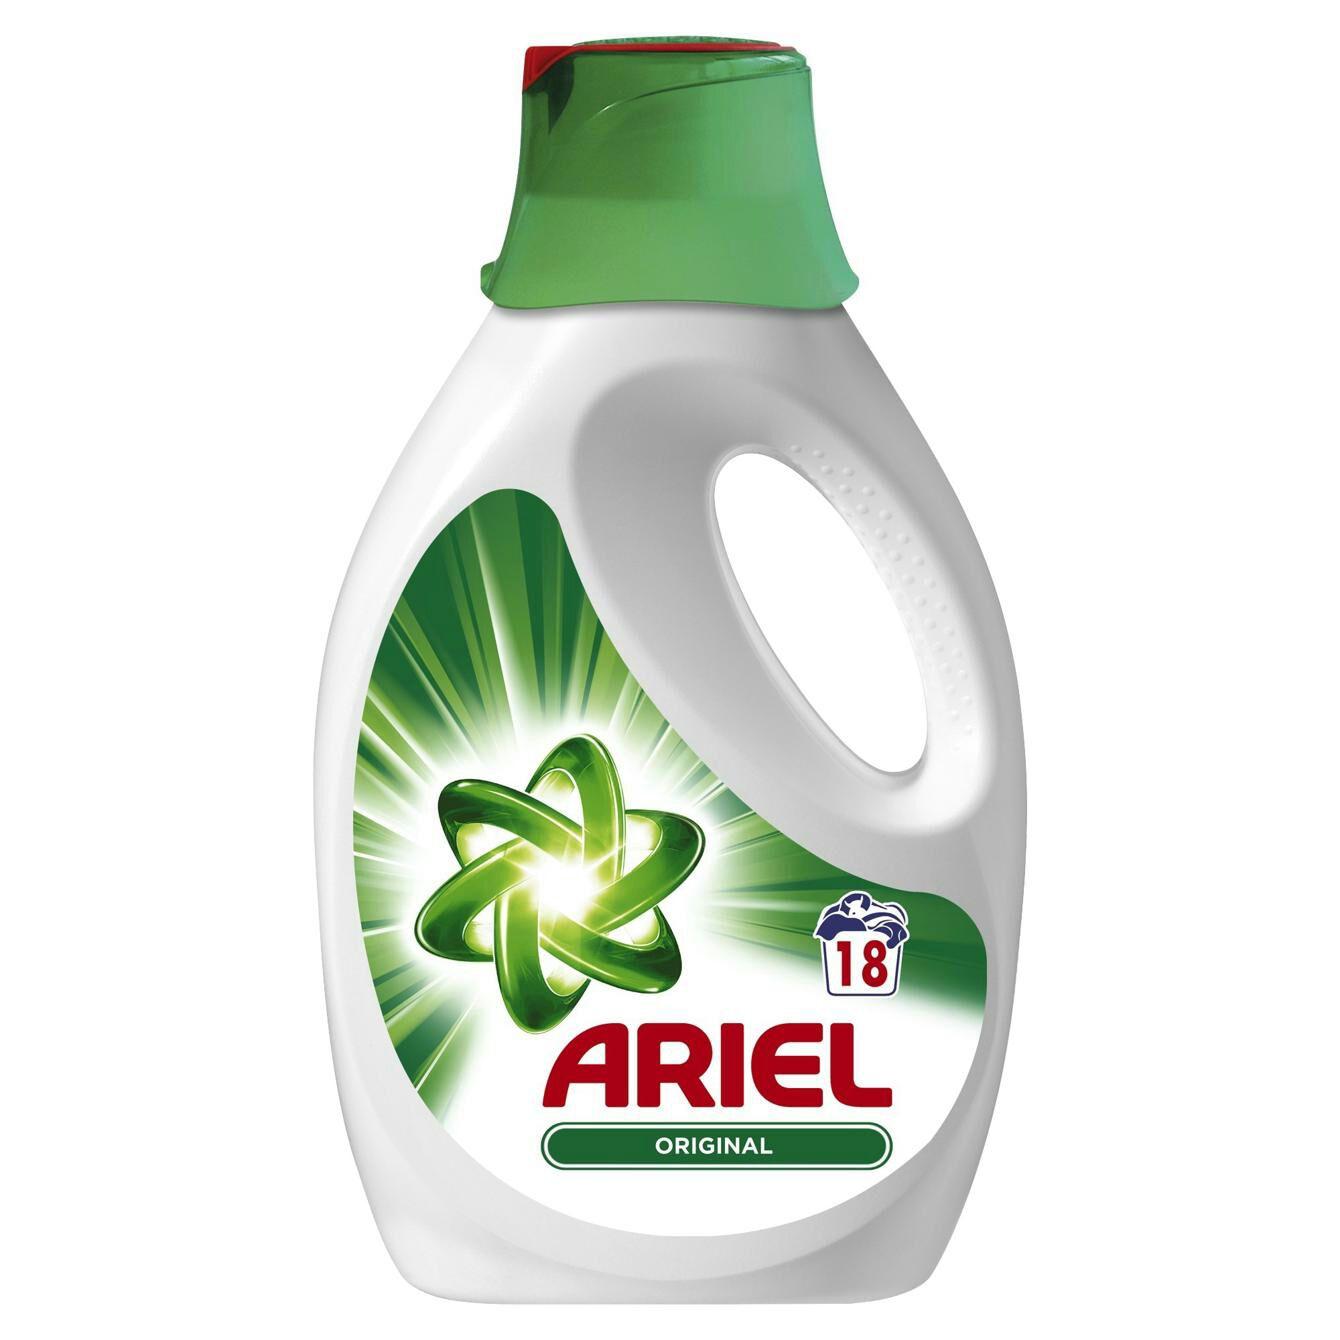 2 stuks Ariel wasmiddel, Lenor unstoppables of wasverzachter voor 6 euro @ Coop